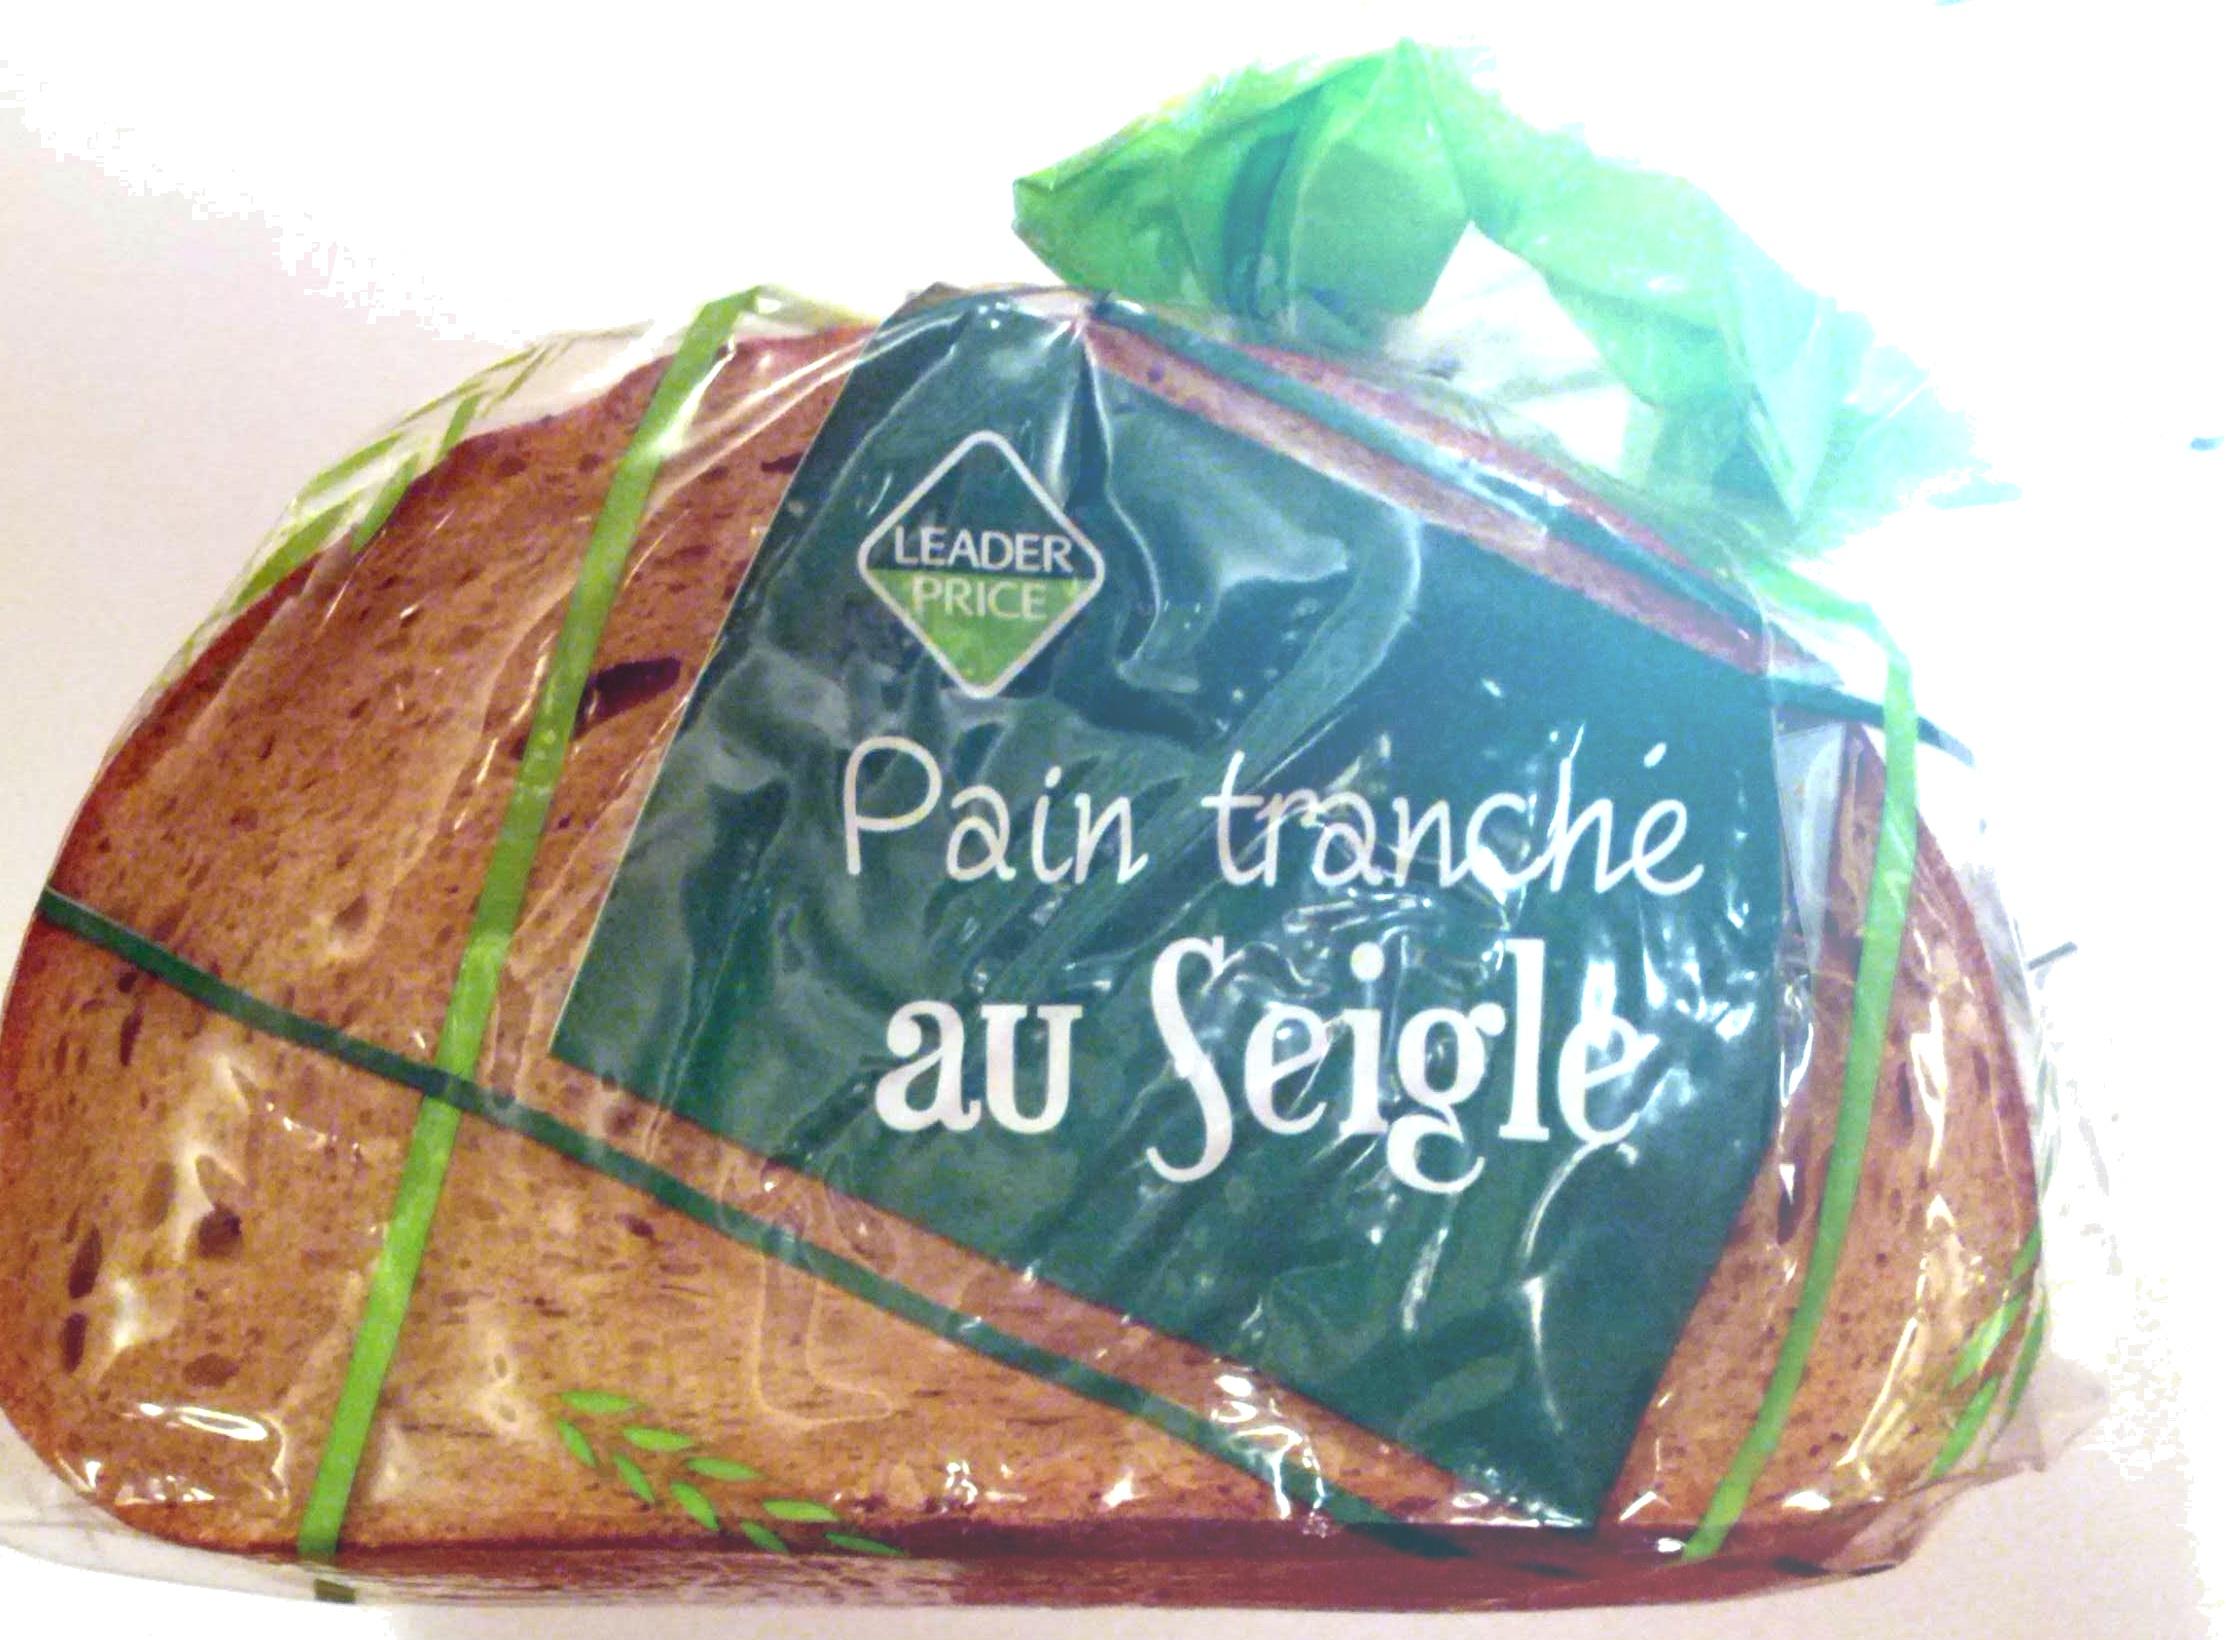 Pain tranché au seigle - Produit - fr